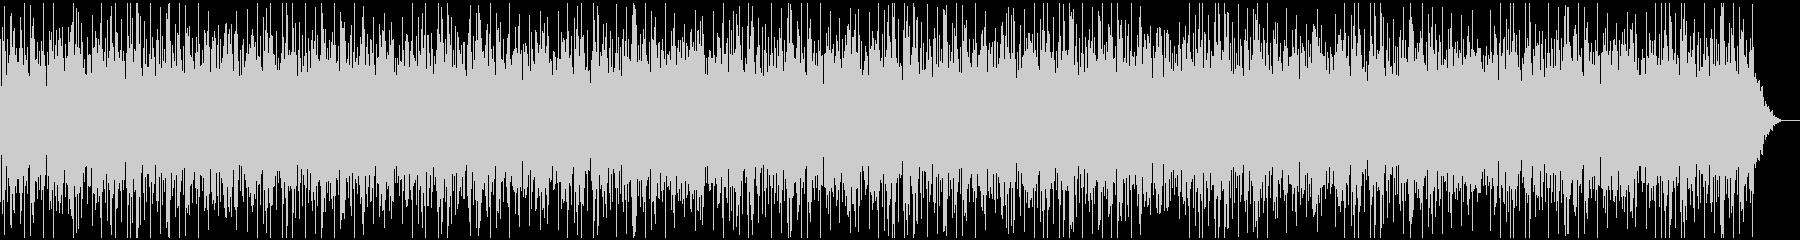 ゆったり包み込まれる高音のオルゴールの曲の未再生の波形